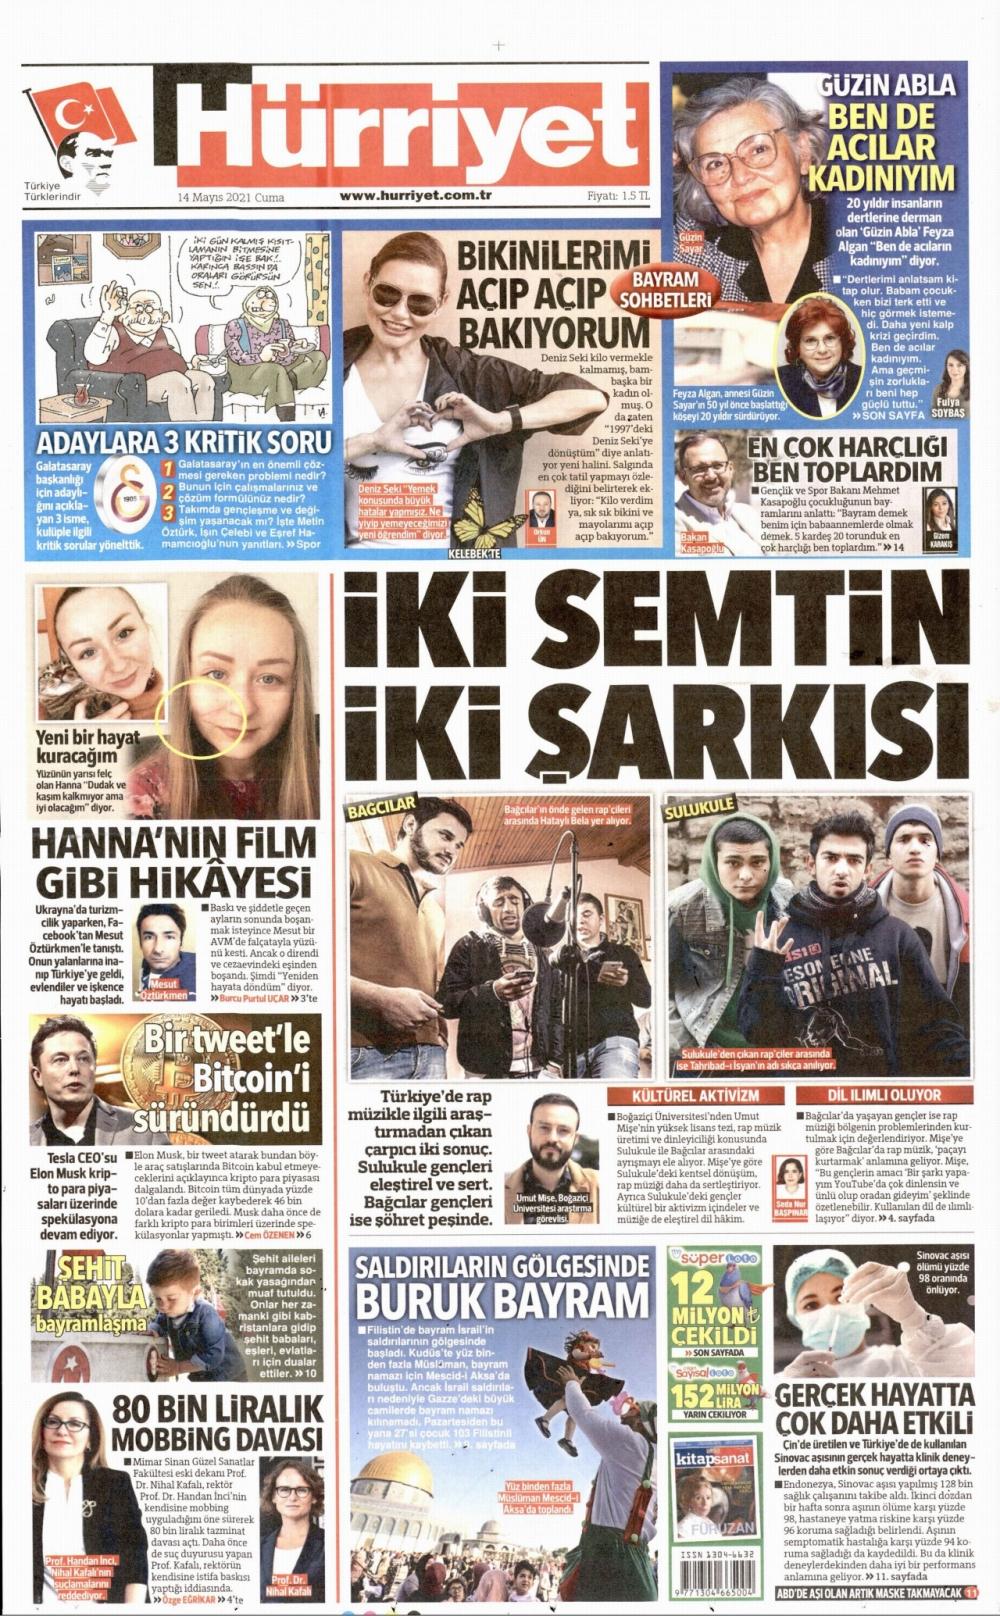 Günün Gazete Manşetleri 14 Mayıs 2021 Gazeteler Ne Diyor? 1